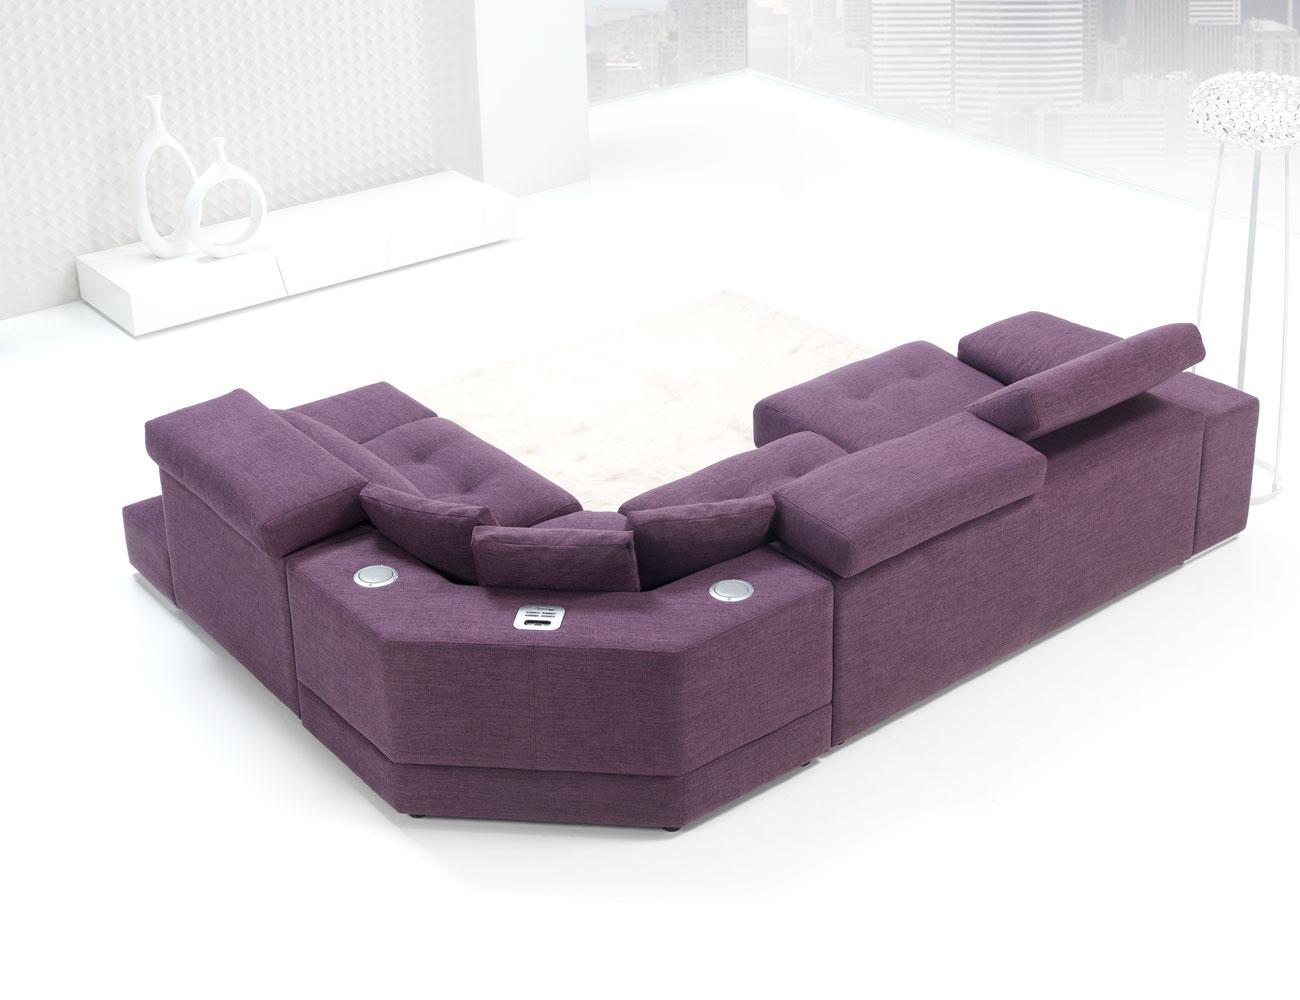 Sofa chaiselongue rincon con brazo mecanico tejido anti manchas 33